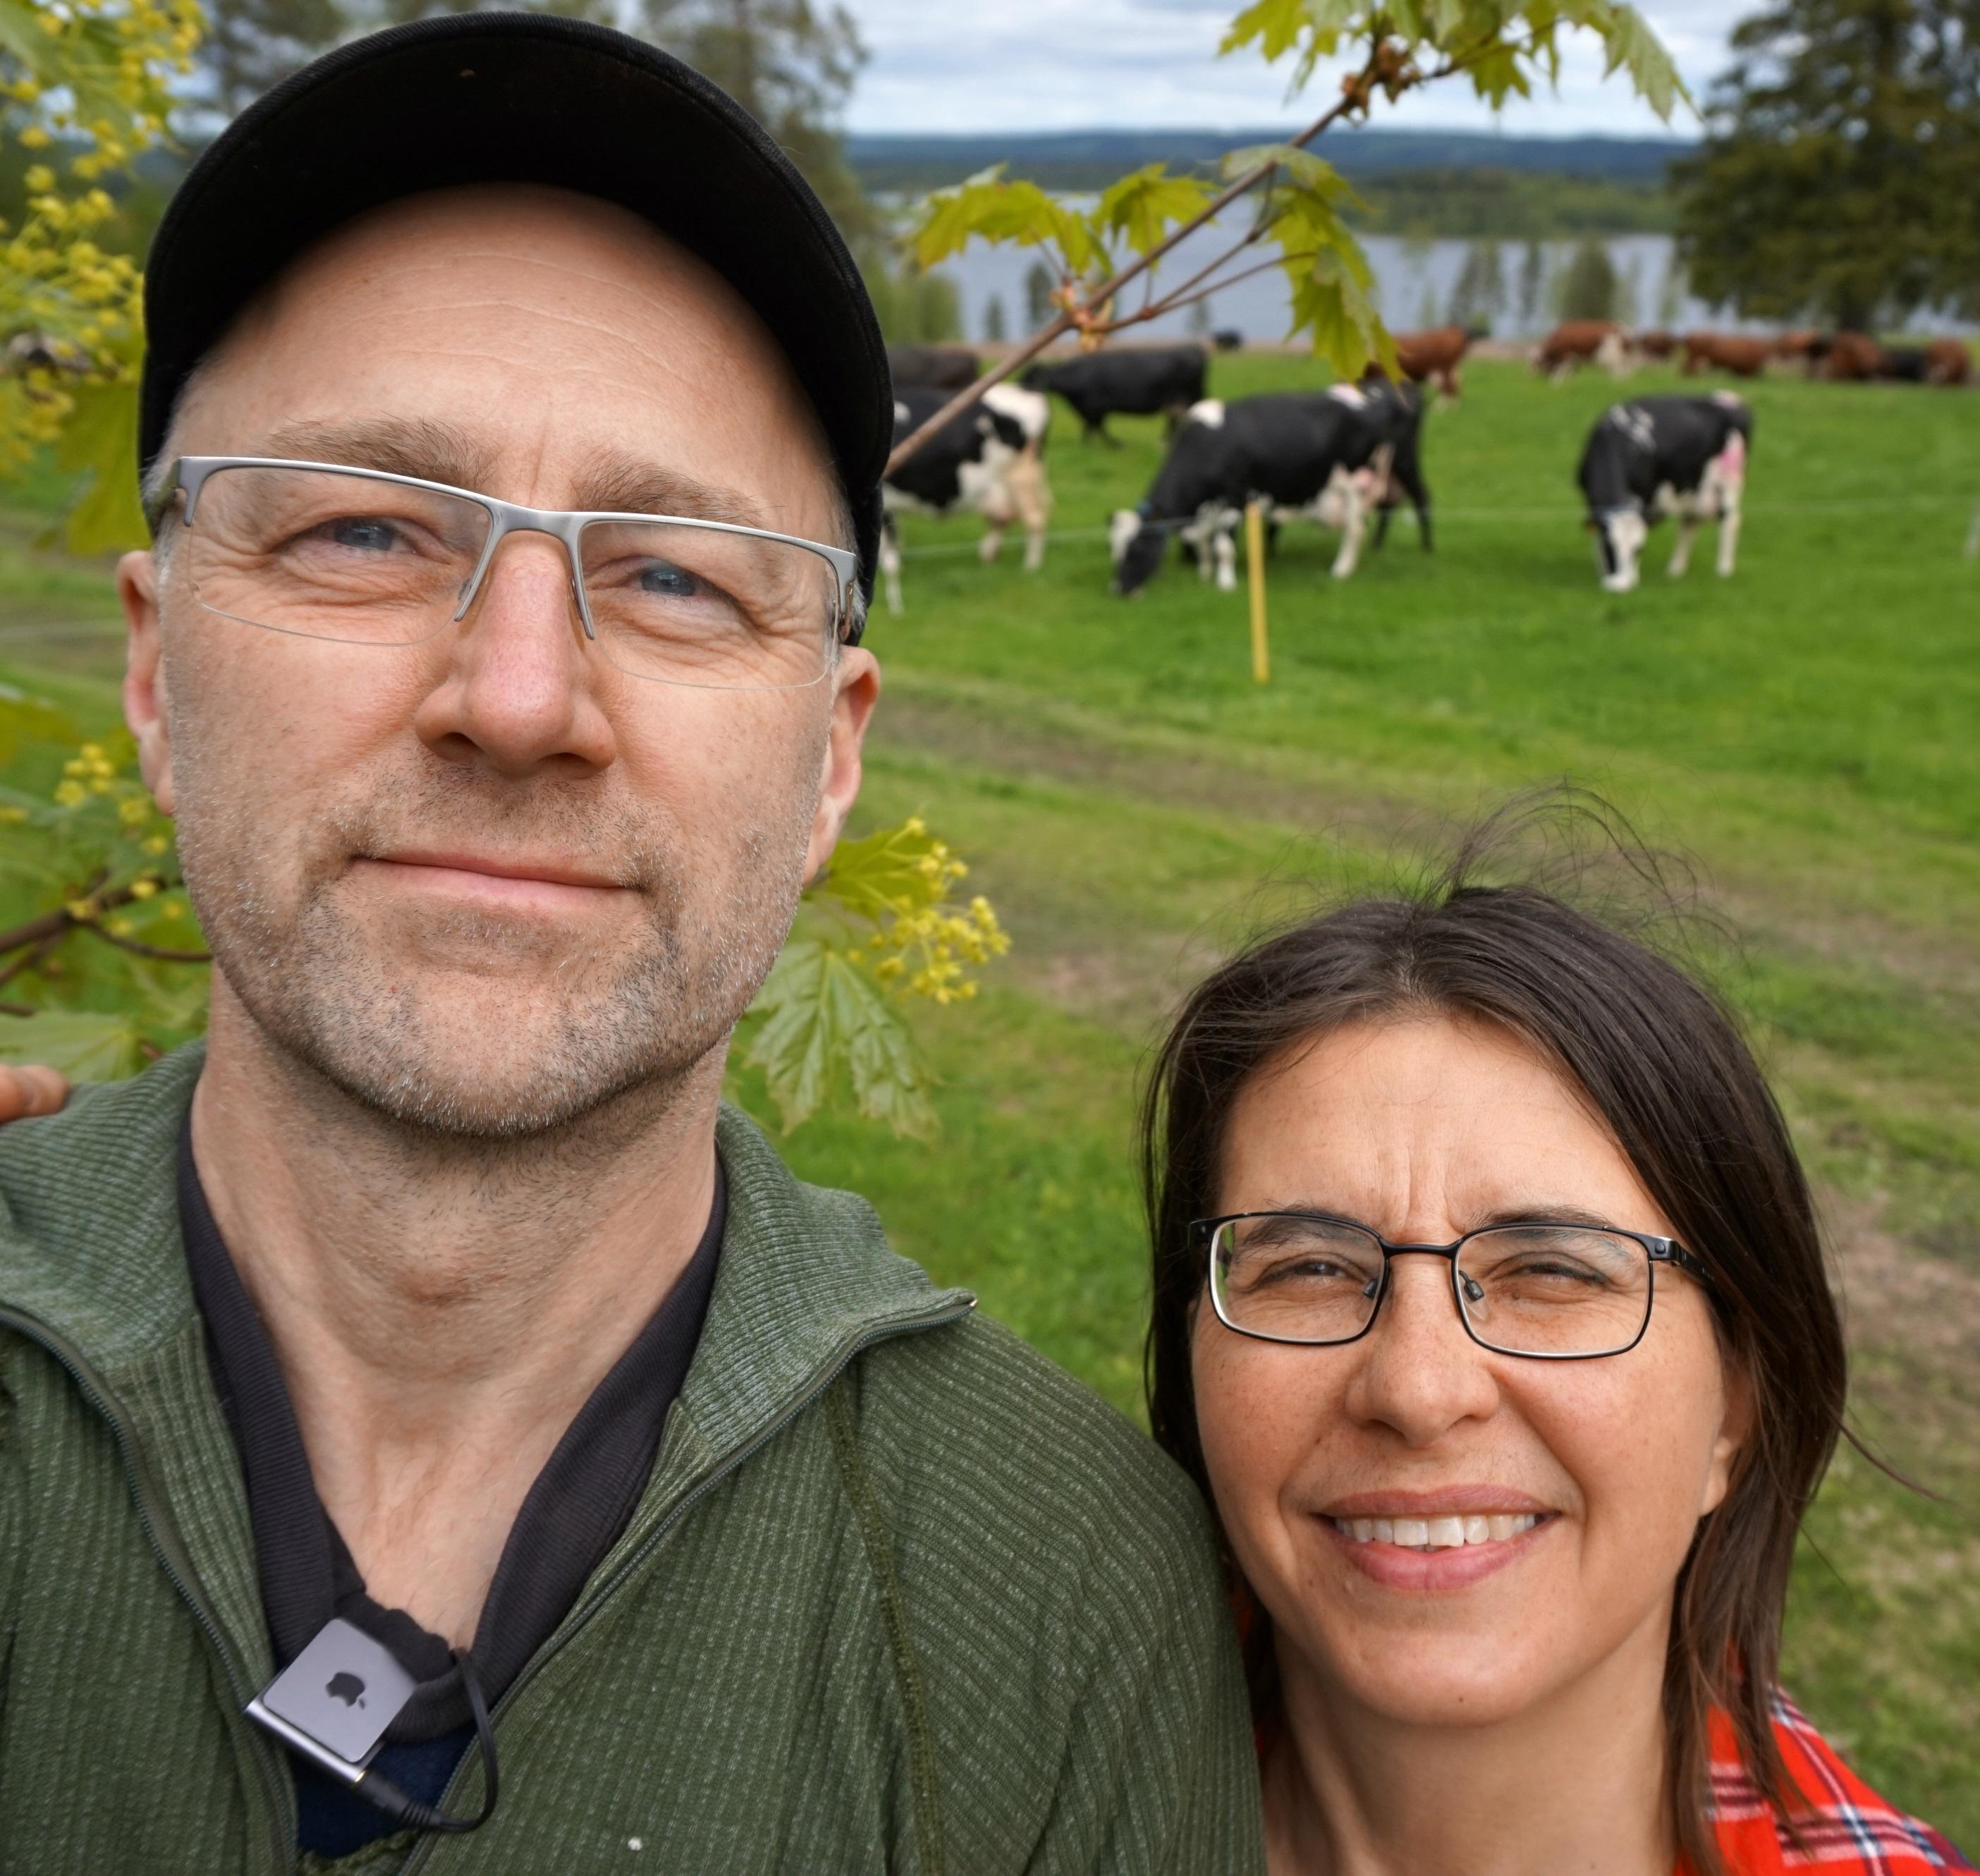 Pär och Johanna Hellström driver tillsammans jordbruk och osttillverkning i Södra Svedjan.